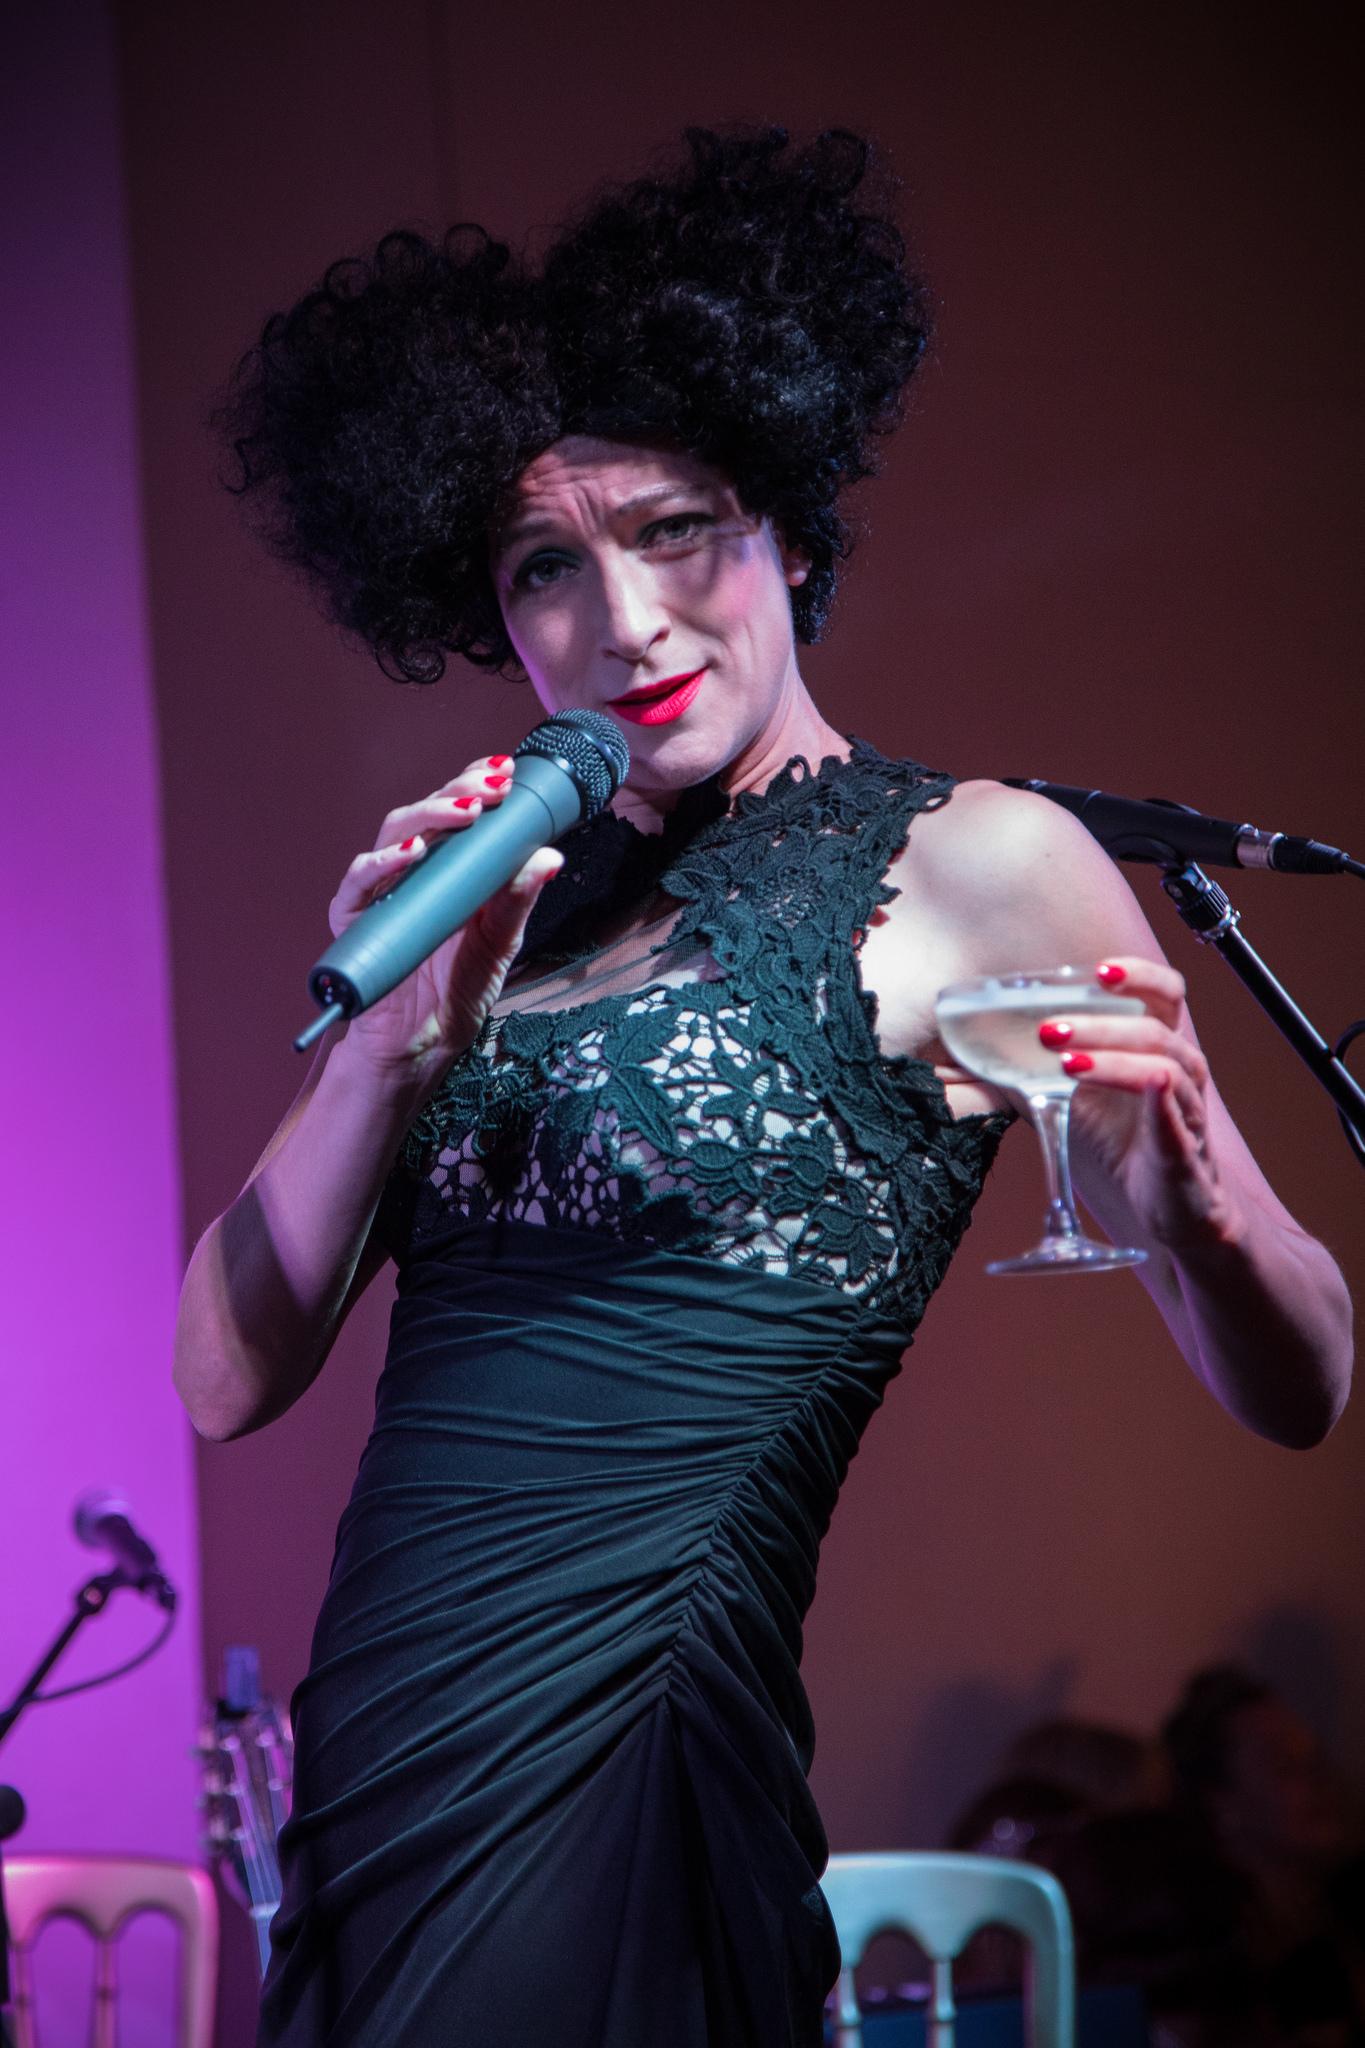 La Poule Plombee cabaret singer